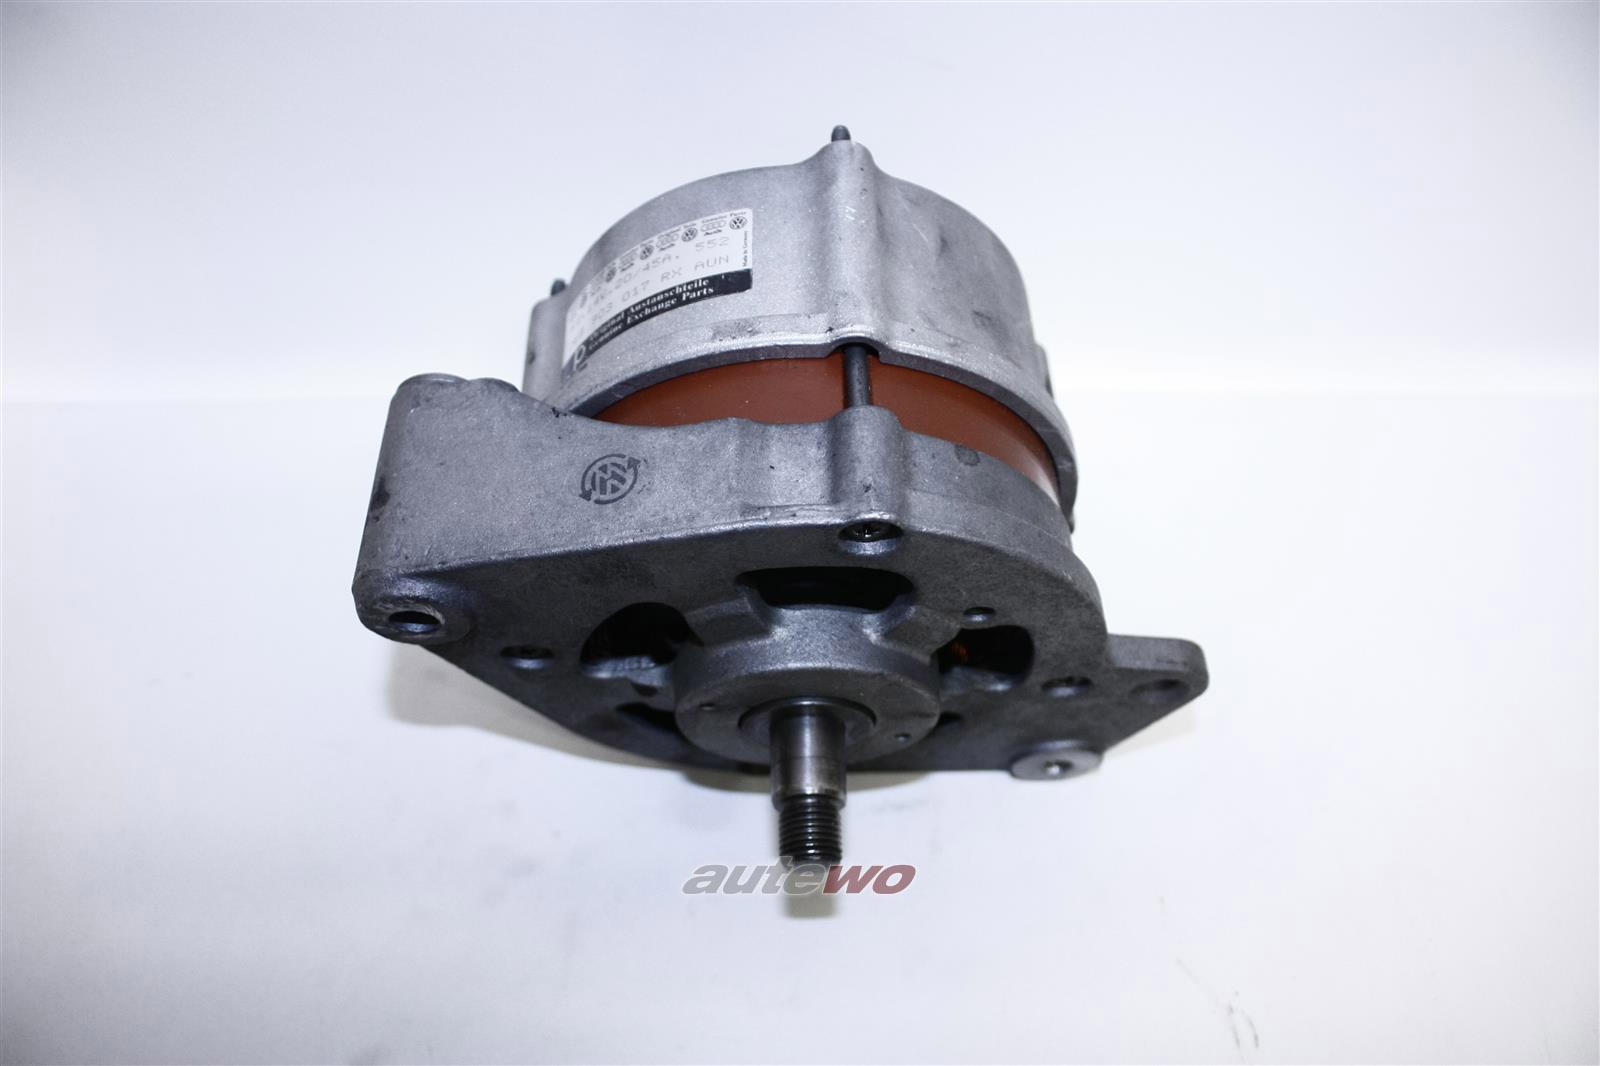 068903017RX VW Passat 3B/Golf 2/Jetta 4 Zylinder original Lichtmaschine 45A 0km neu